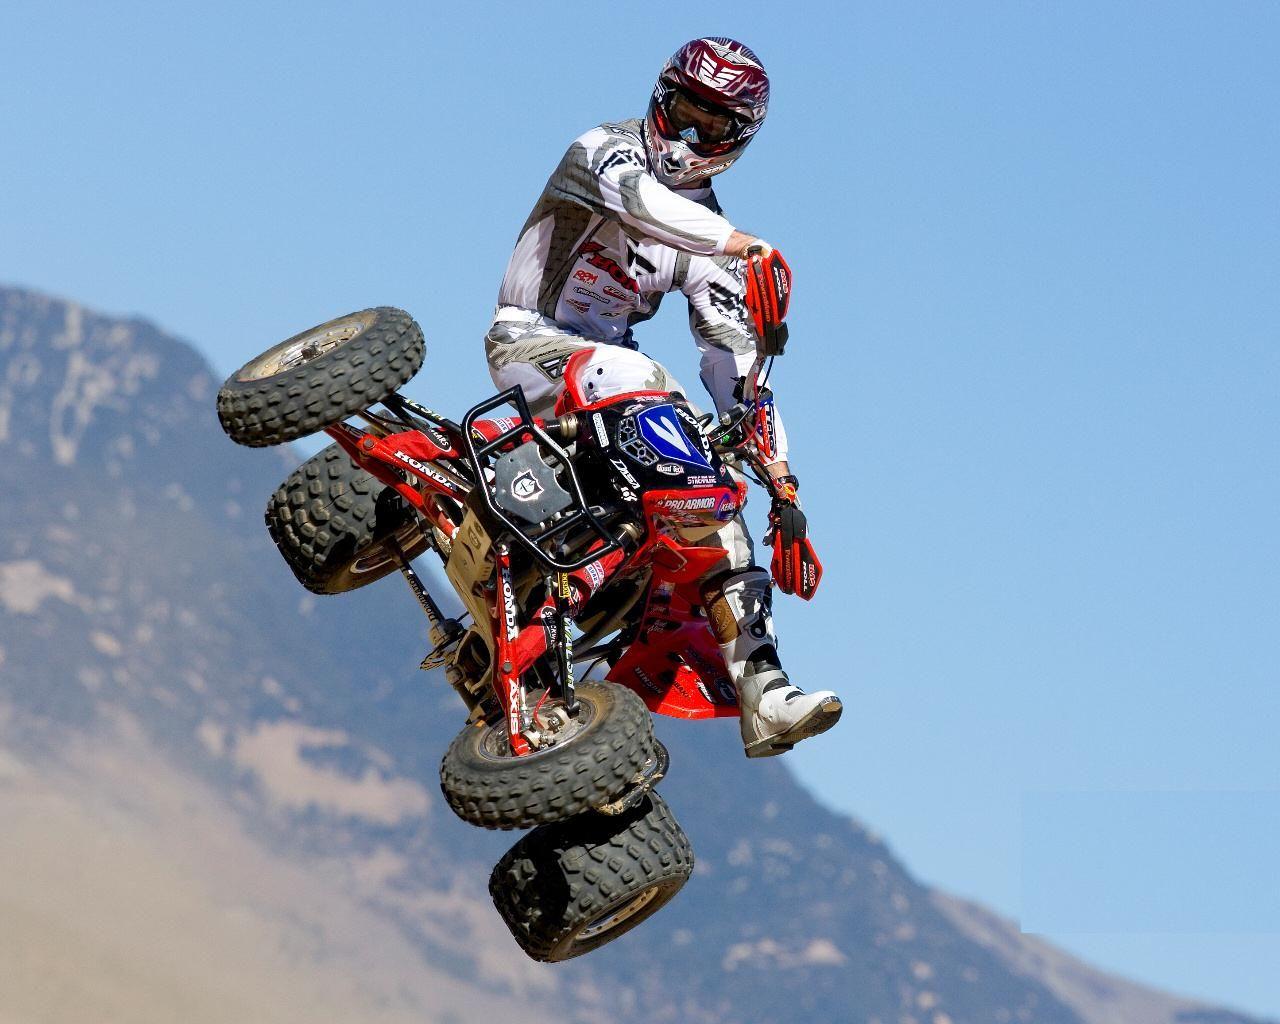 Honda Atv Wallpapers Free Download Wallpapersak Atv Atv Quads Atv Motocross